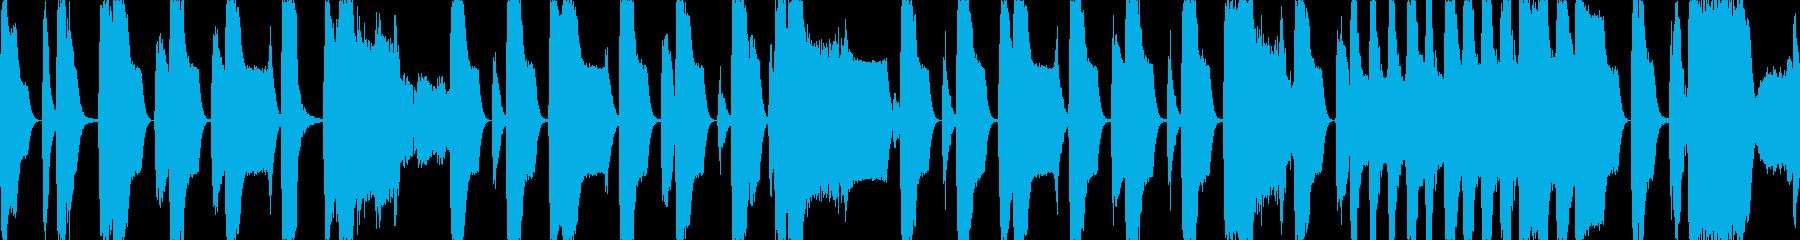 レトロなRPG風のBGMですの再生済みの波形